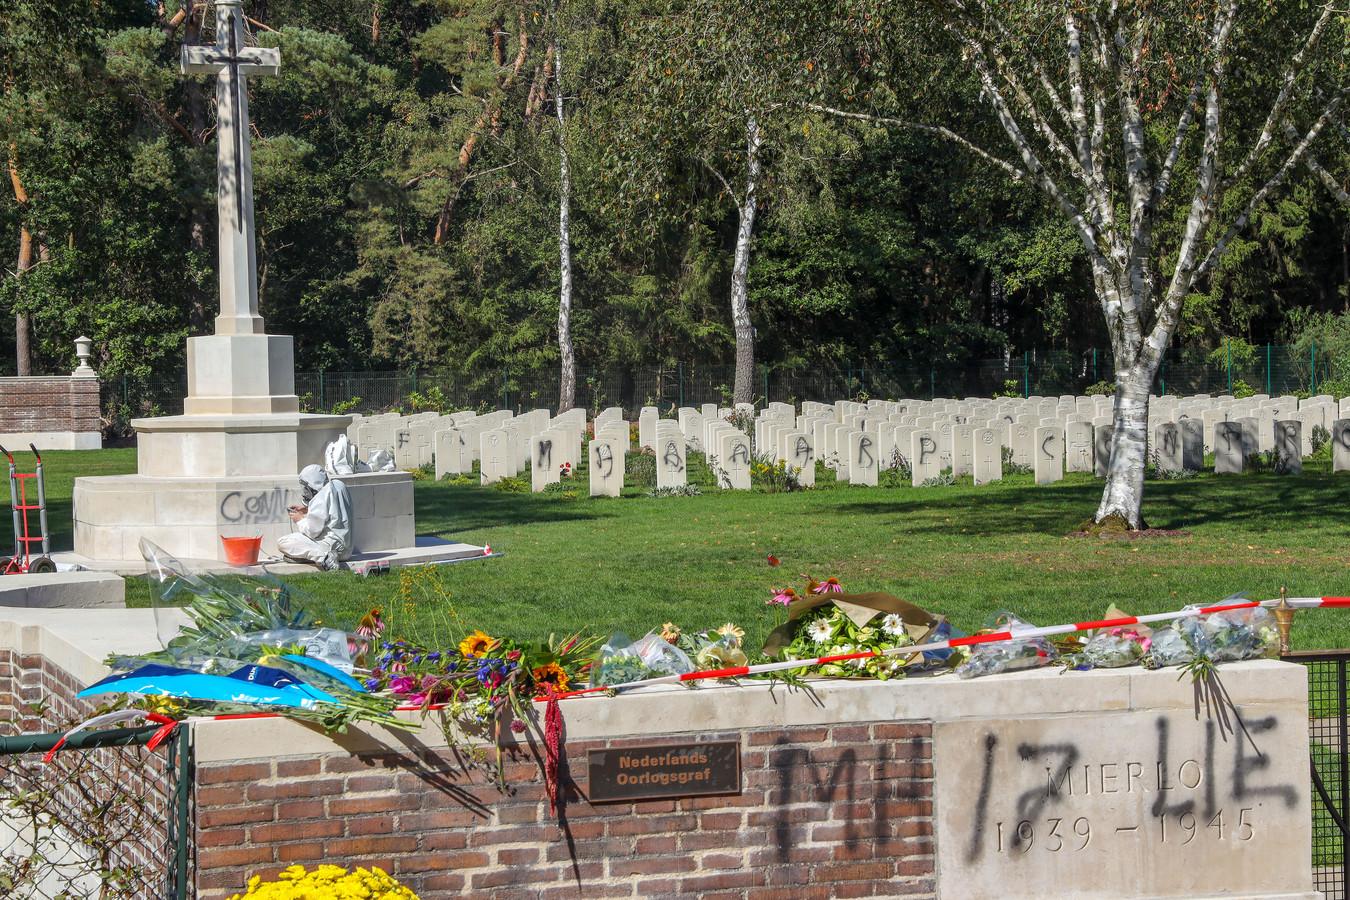 Alle bekladdingen op de oorlogsbegraafplaats in Mierlo zijn dinsdag verwijderd zodat de geplande herdenking in verband met 75 jaar bevrijding er gewoon kan plaatsvinden.